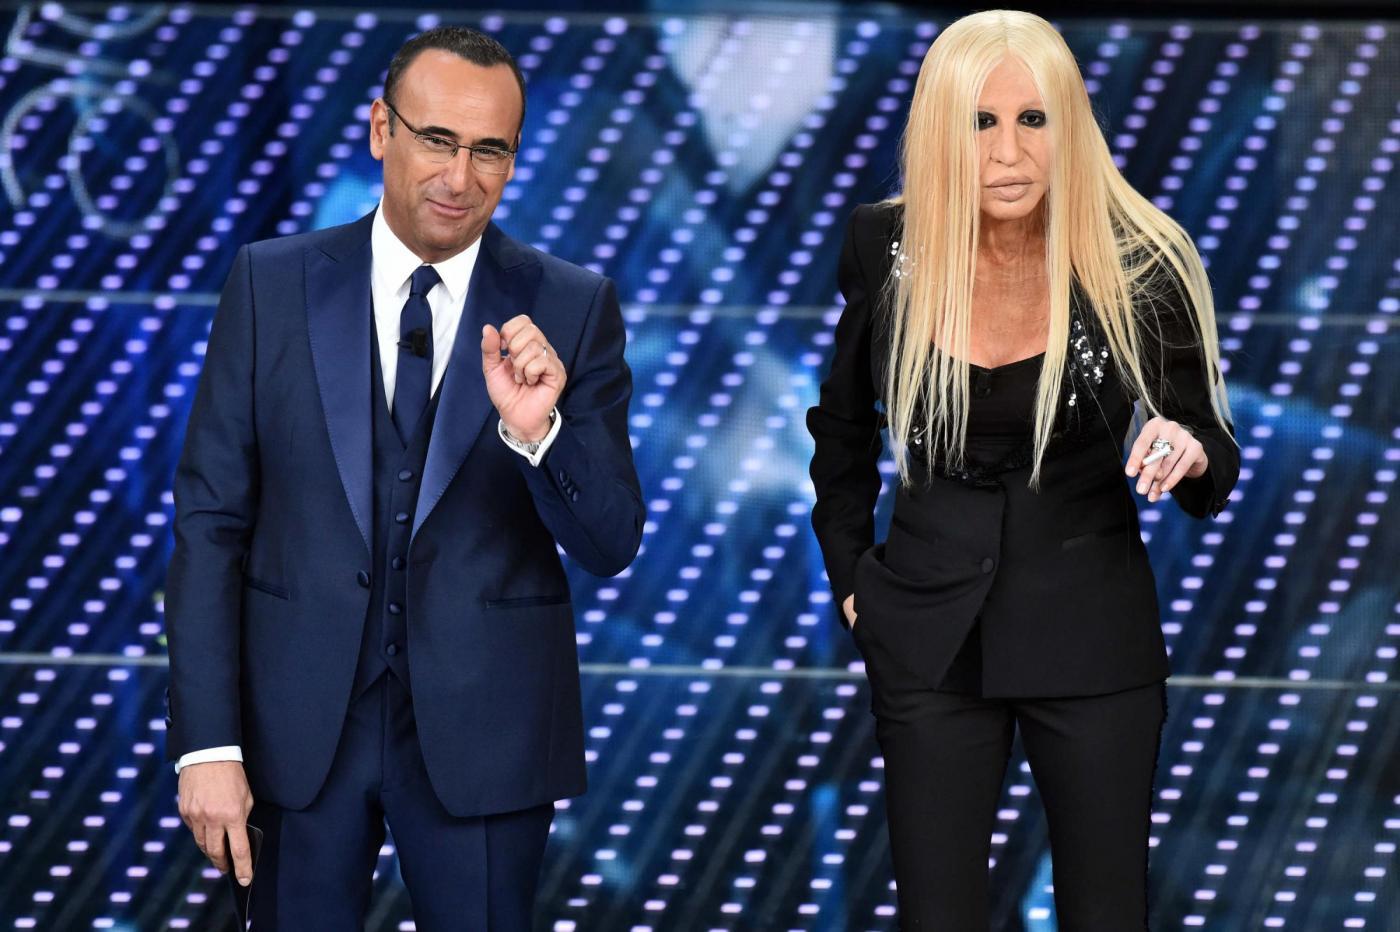 Virginia Raffaele è Donatella Versace nella serata del Festival dedicata alle cover